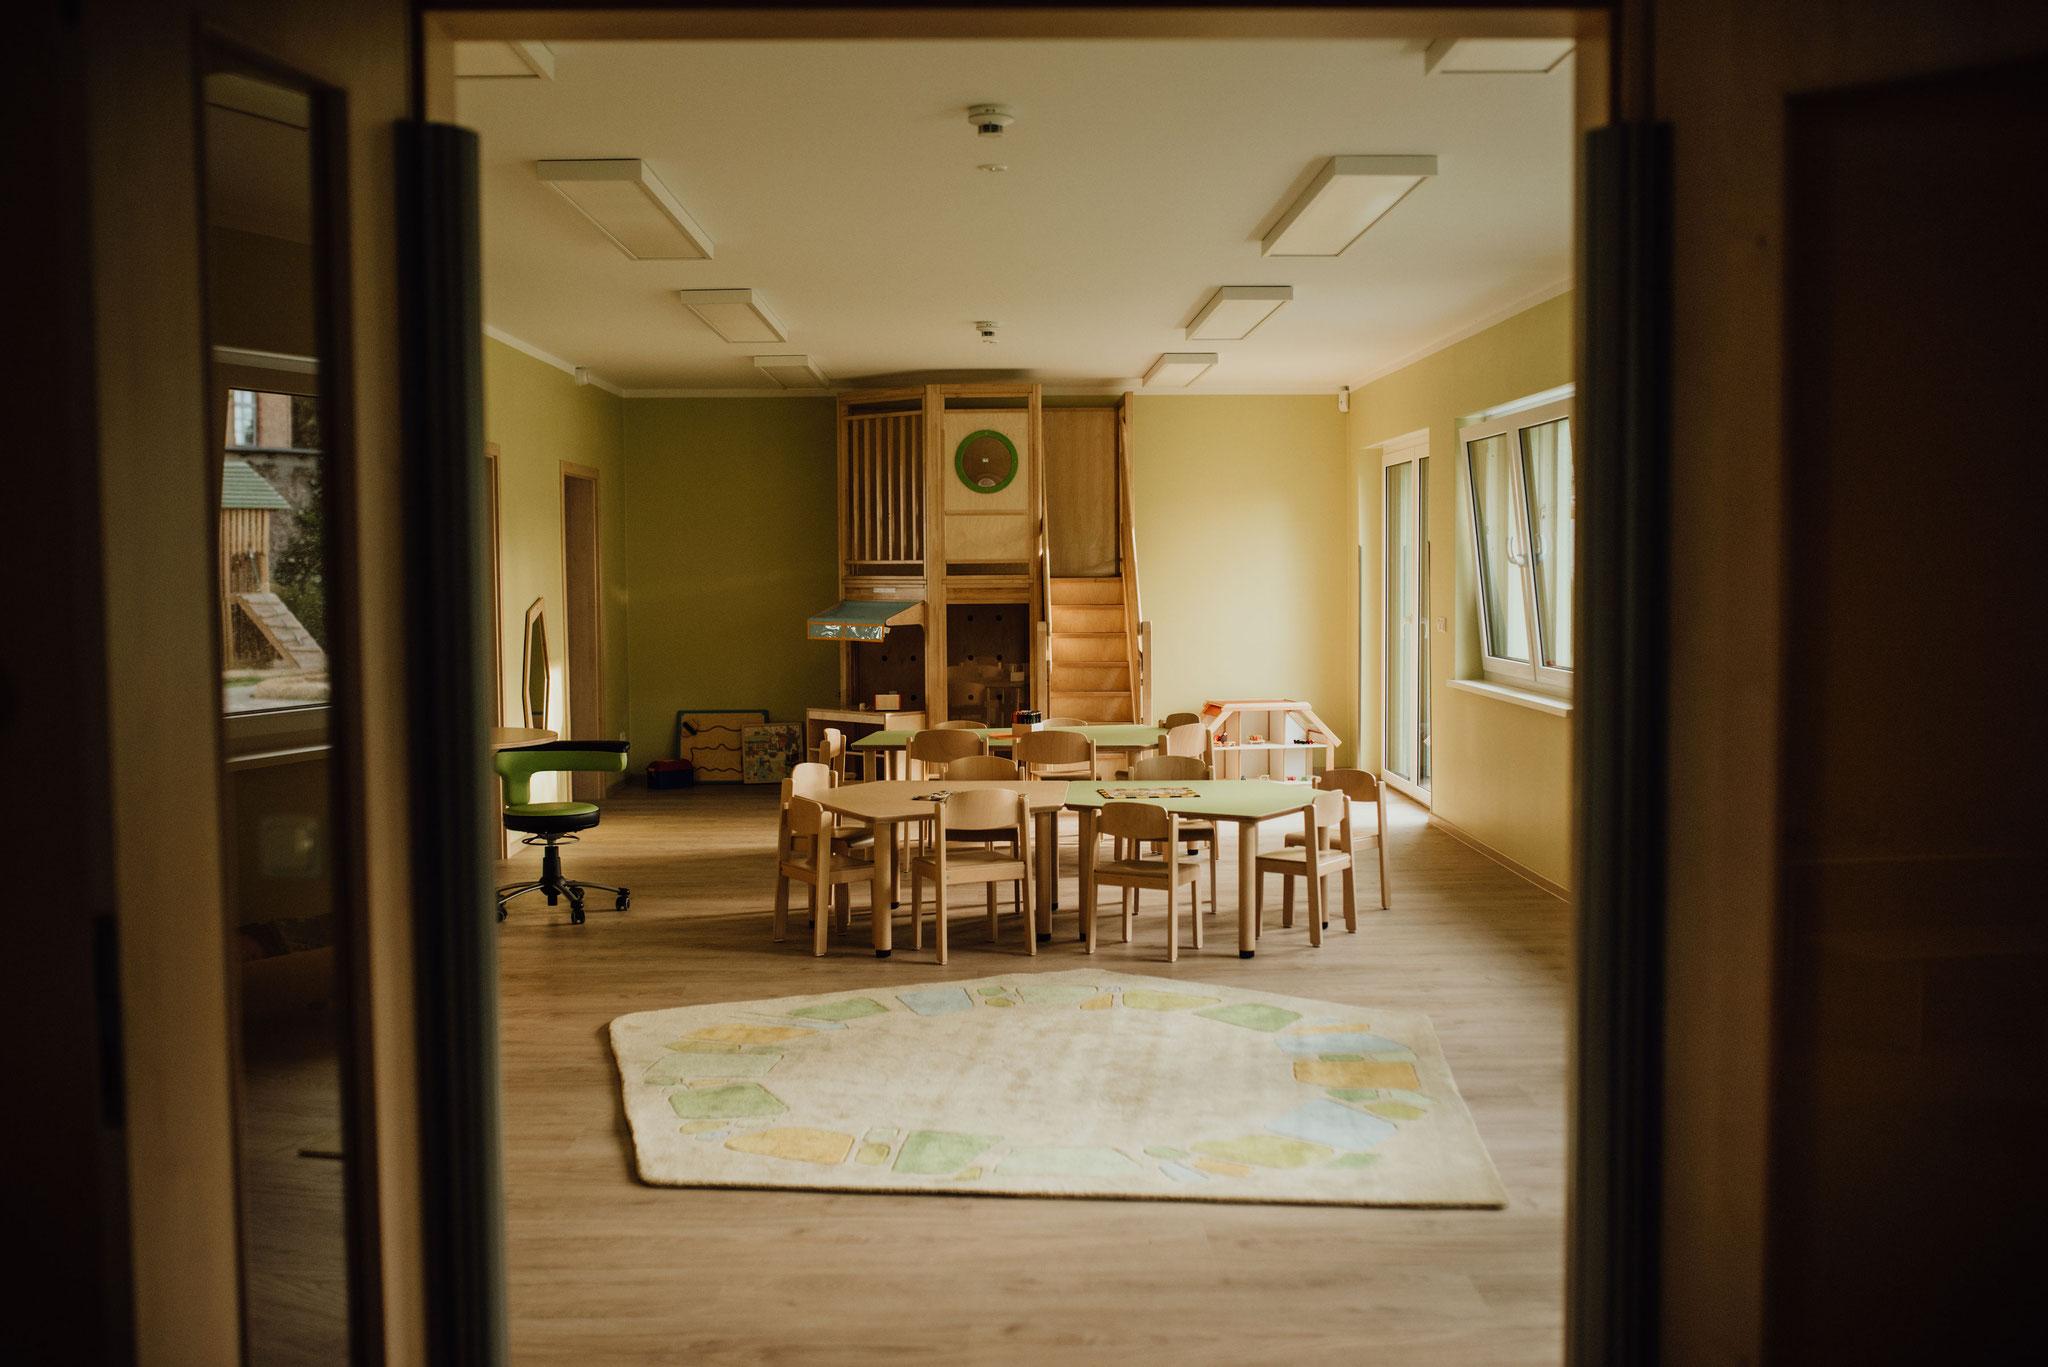 """Im Gruppenraum des Kindergartens findet unsere Gruppe """"Igel"""" ein gemütliches Zuhause. Hier haben bis zu 24 Igel-Kinder Platz."""